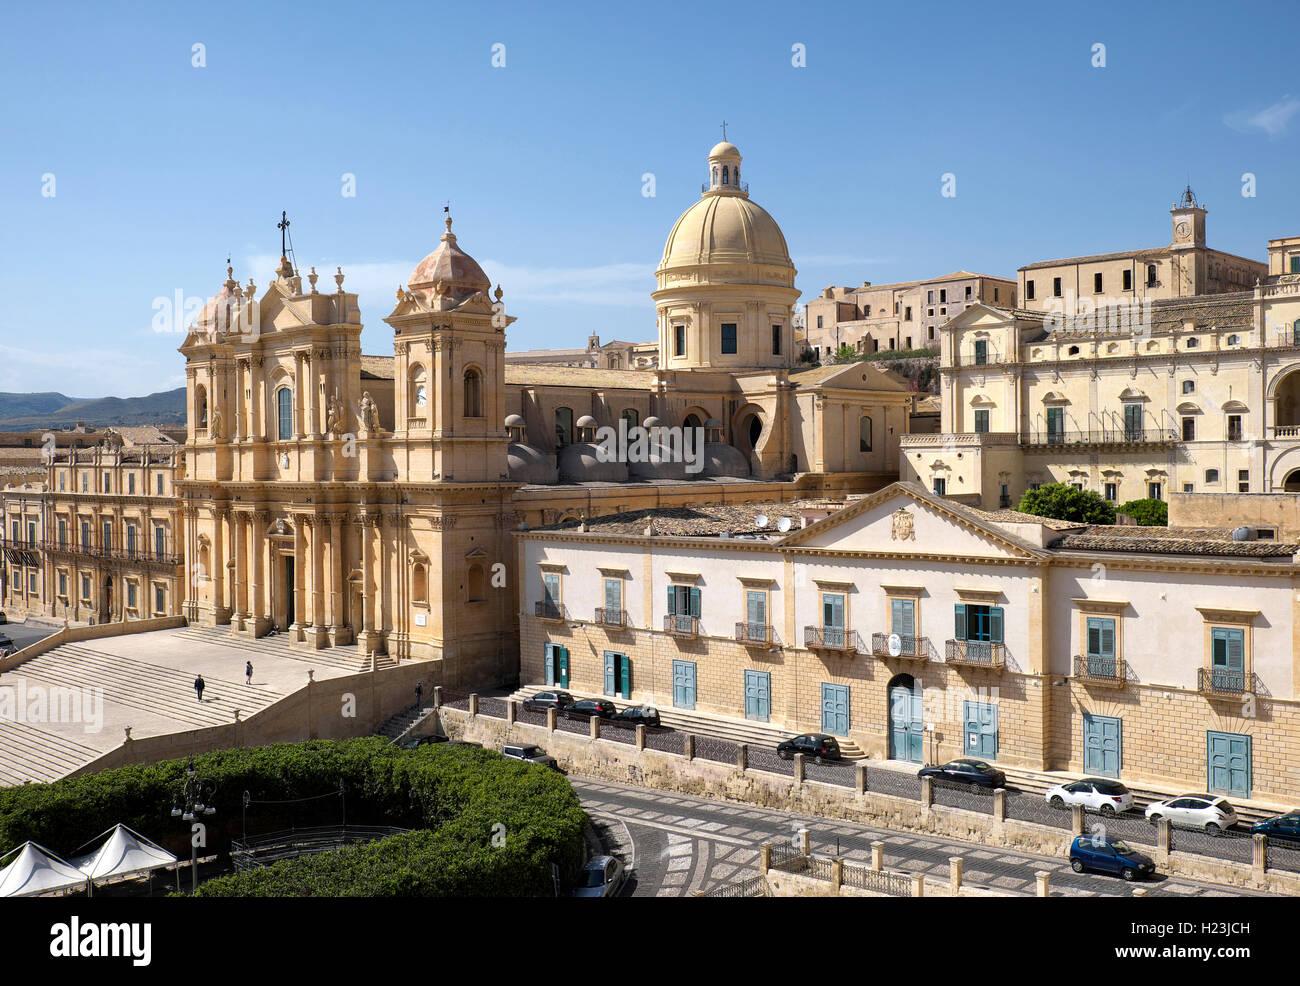 Catedral de Noto, Noto, en Sicilia, Italia Imagen De Stock